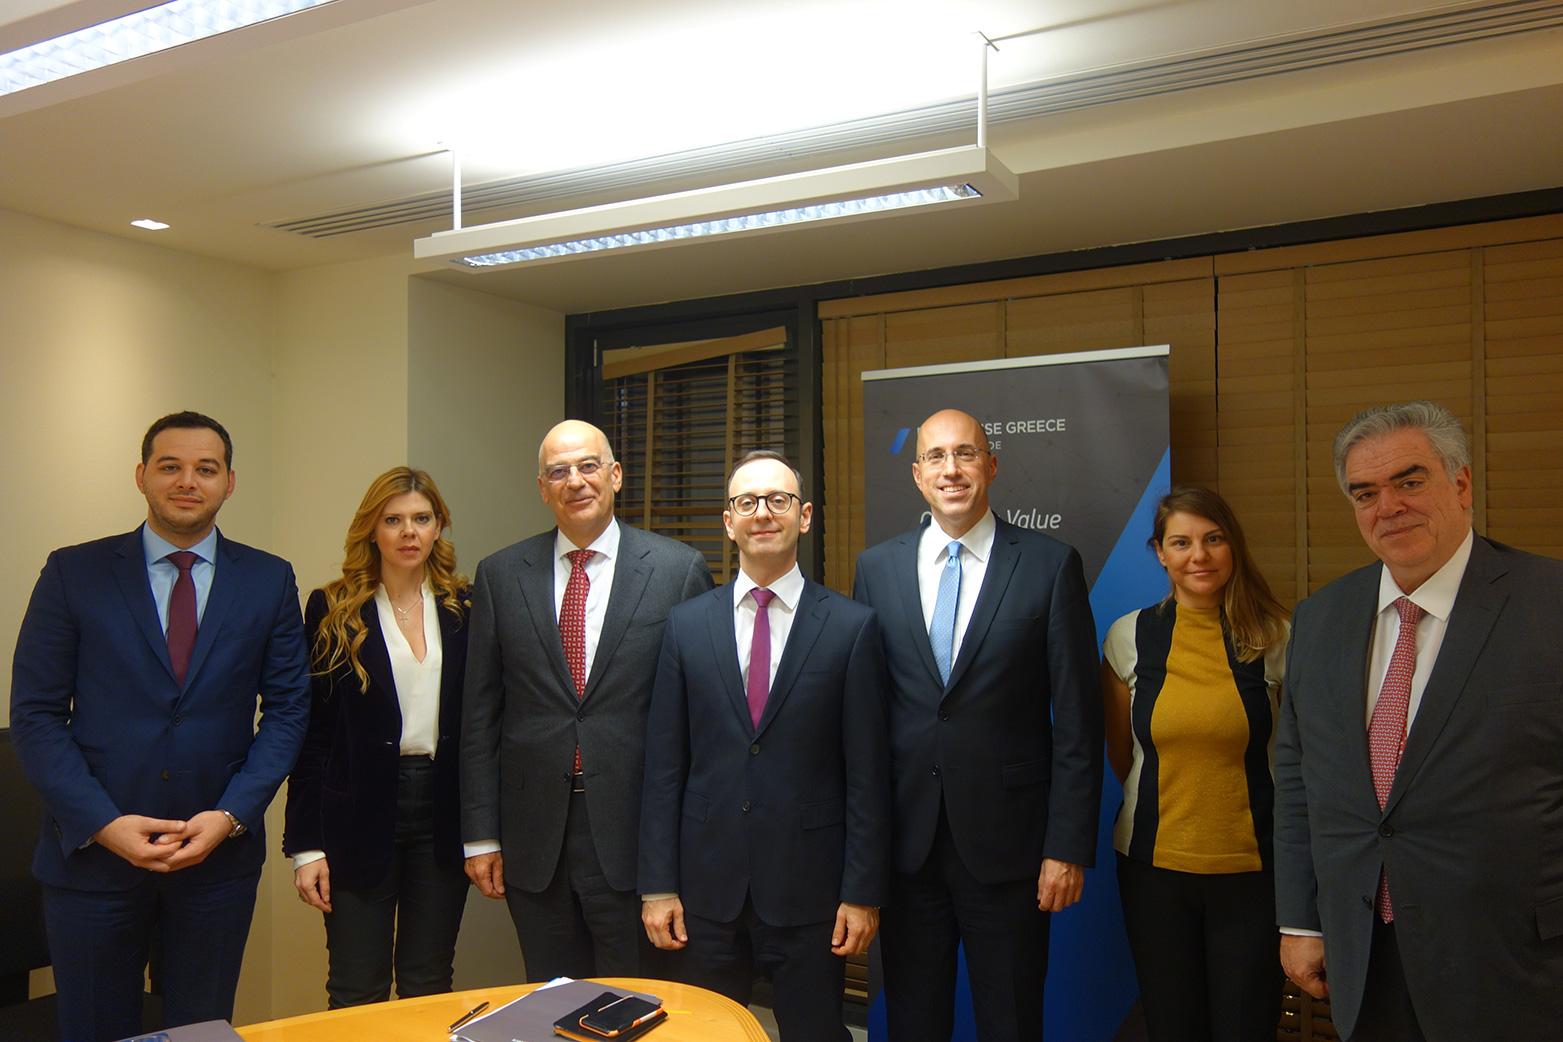 Δύο επενδυτικά έργα ύψους 331 εκ. ευρώ, που δημιουργούν 822 νέες θέσεις εργασίας, ενέκρινε το πρώτο ΔΣ της Enterprise Greece παρουσία του Υπουργού Εξωτερικών, κ. Ν. Δένδια